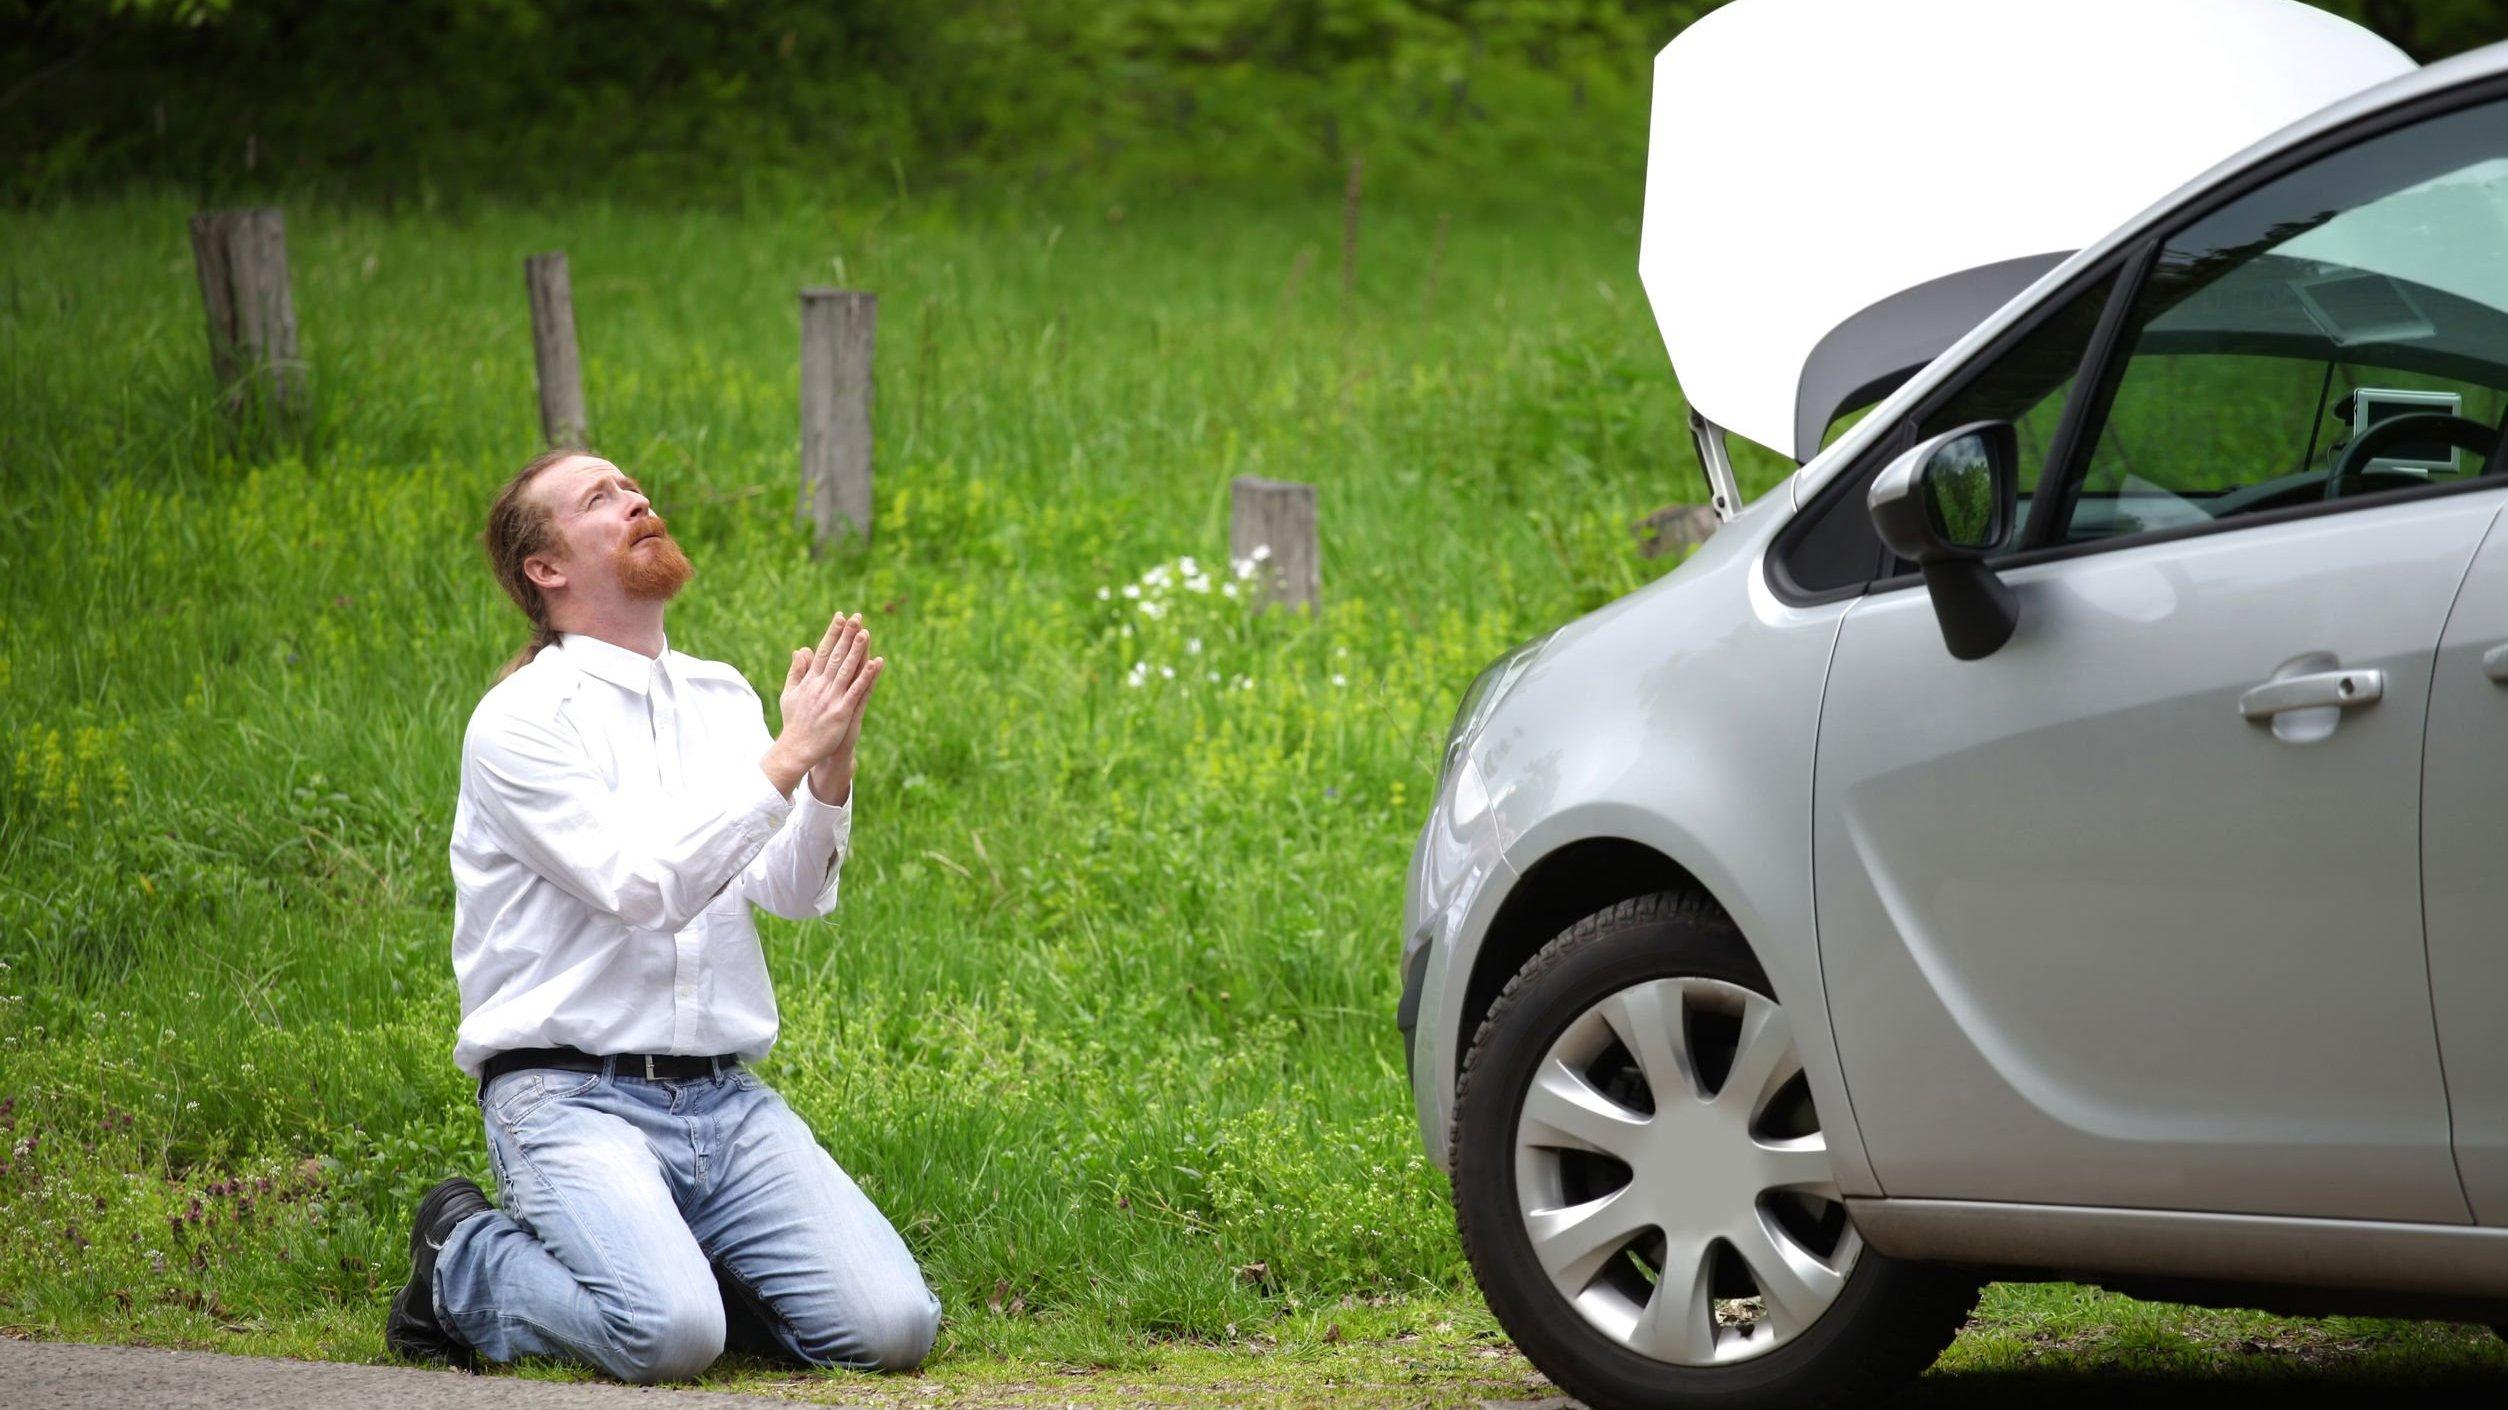 Homem ajoelhado orando em frente a carro quebrado na estrada